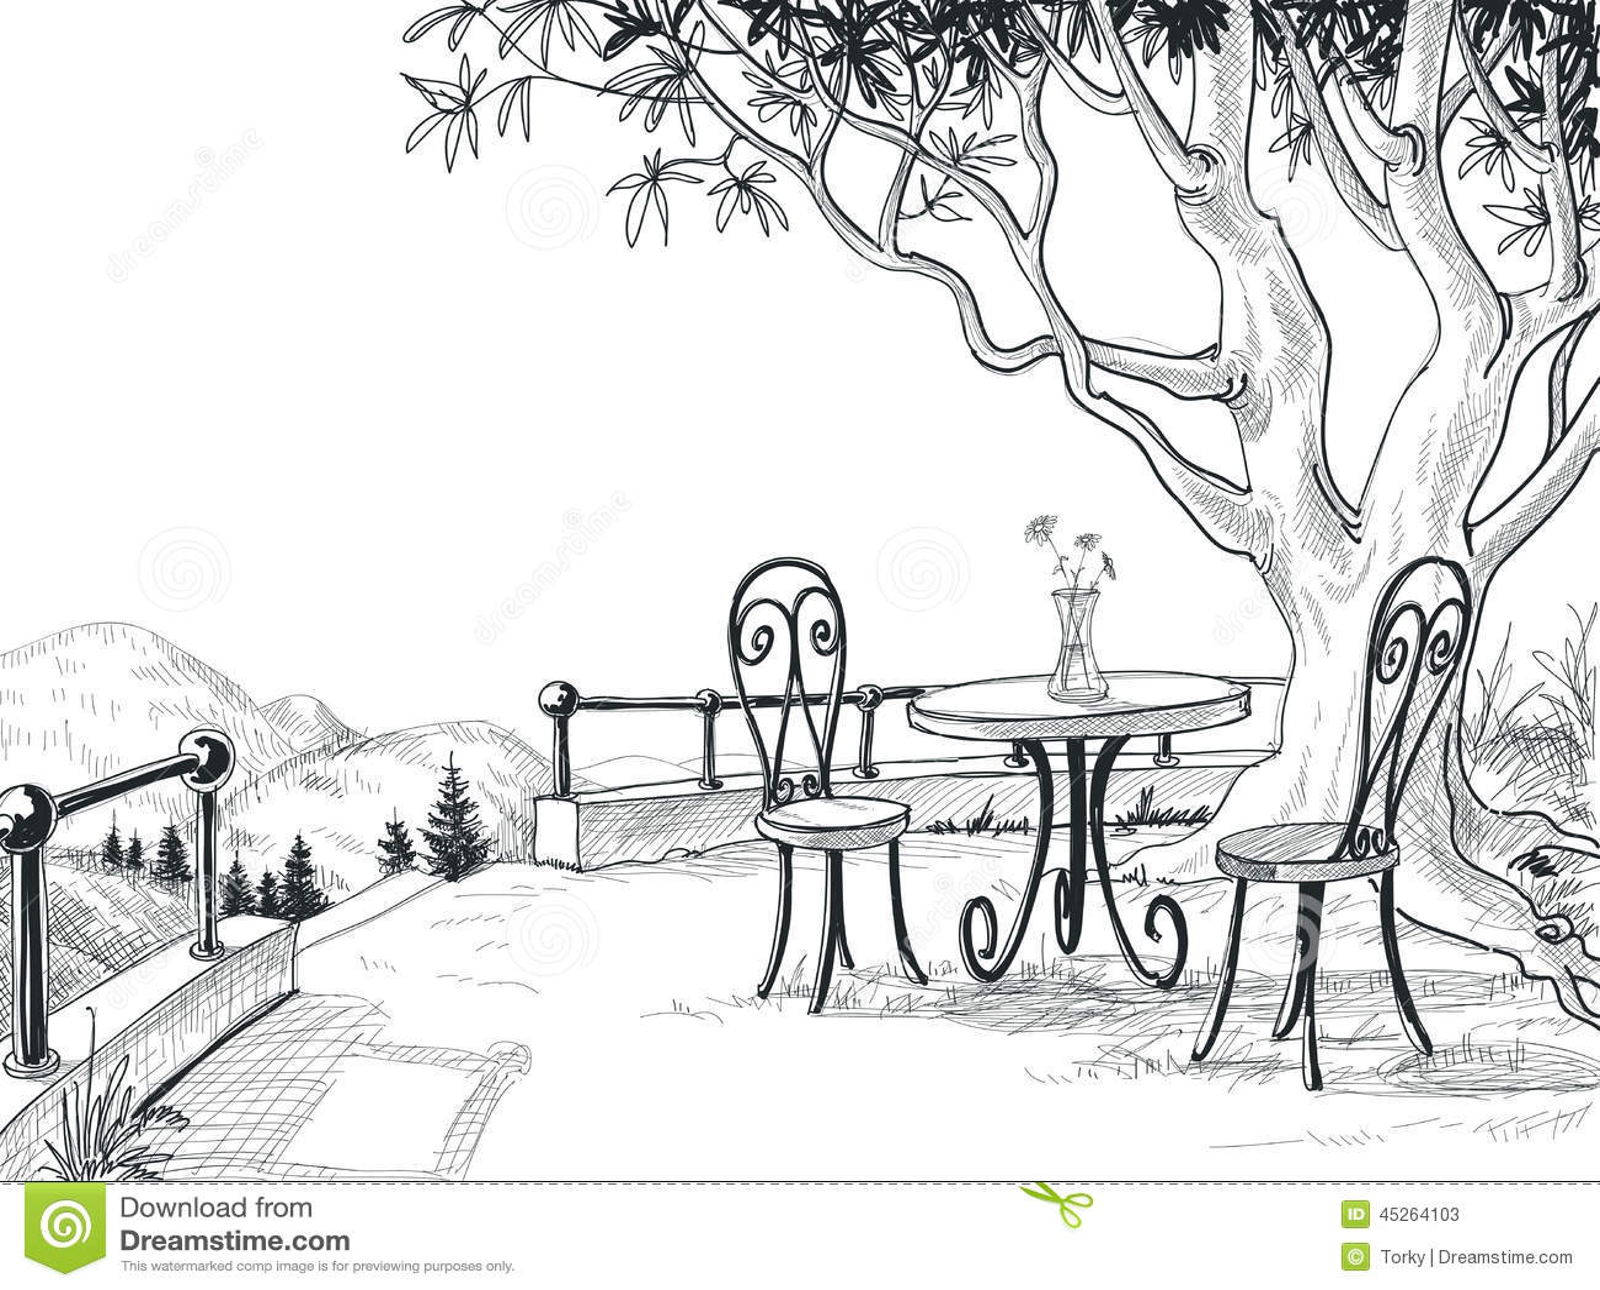 Restaurant Terrace Sketch Stock Vector Image 45264103